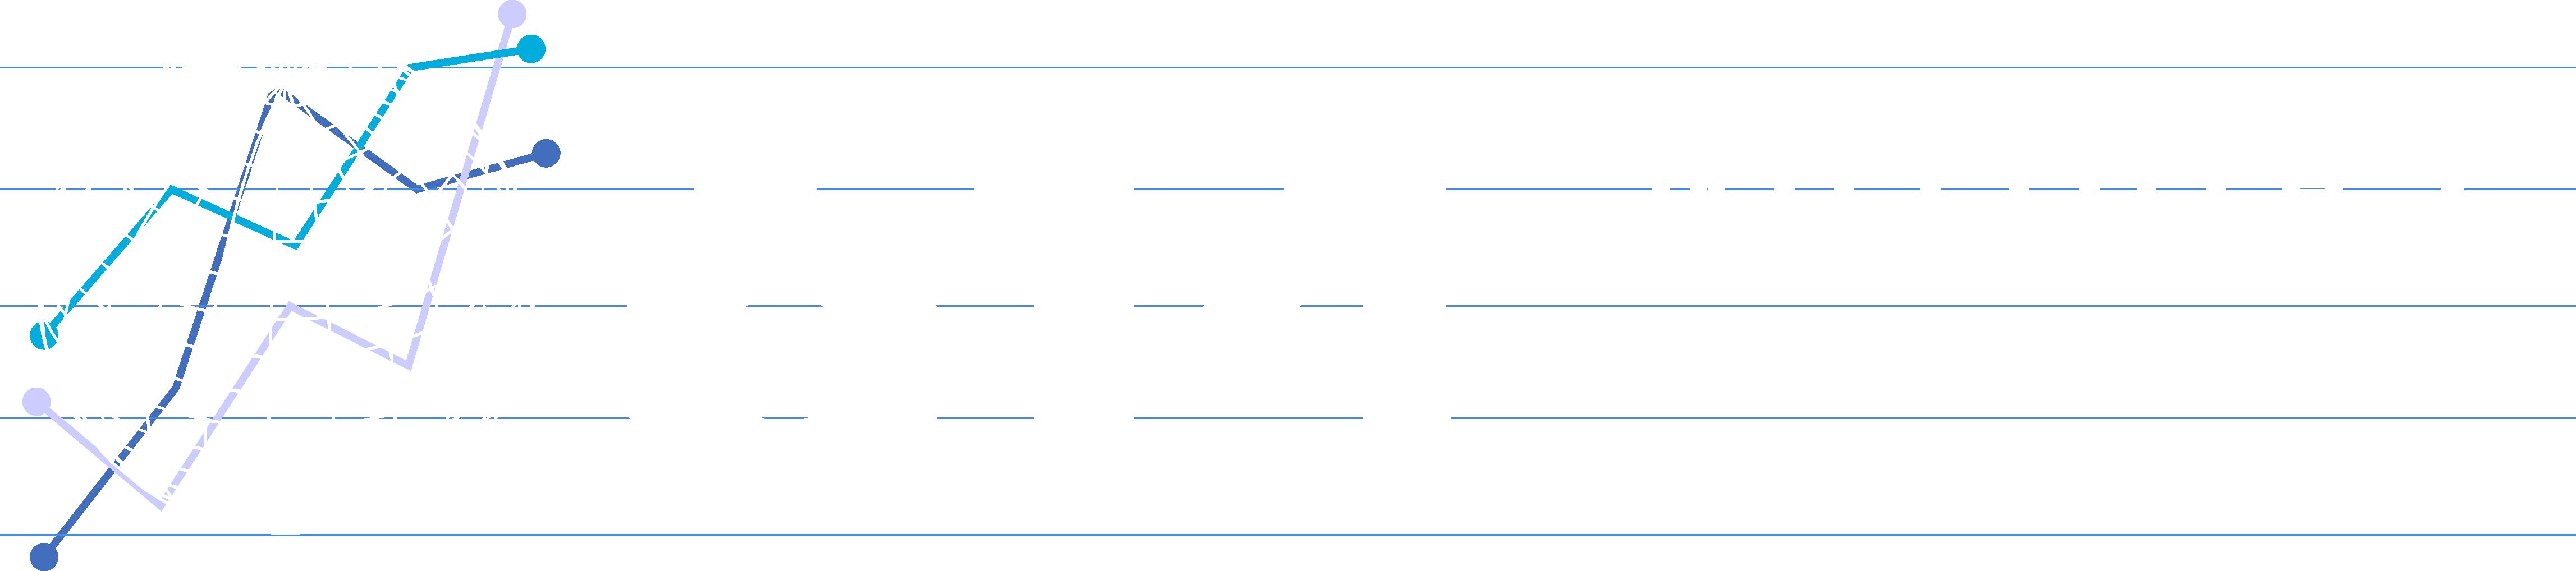 614 Noticias